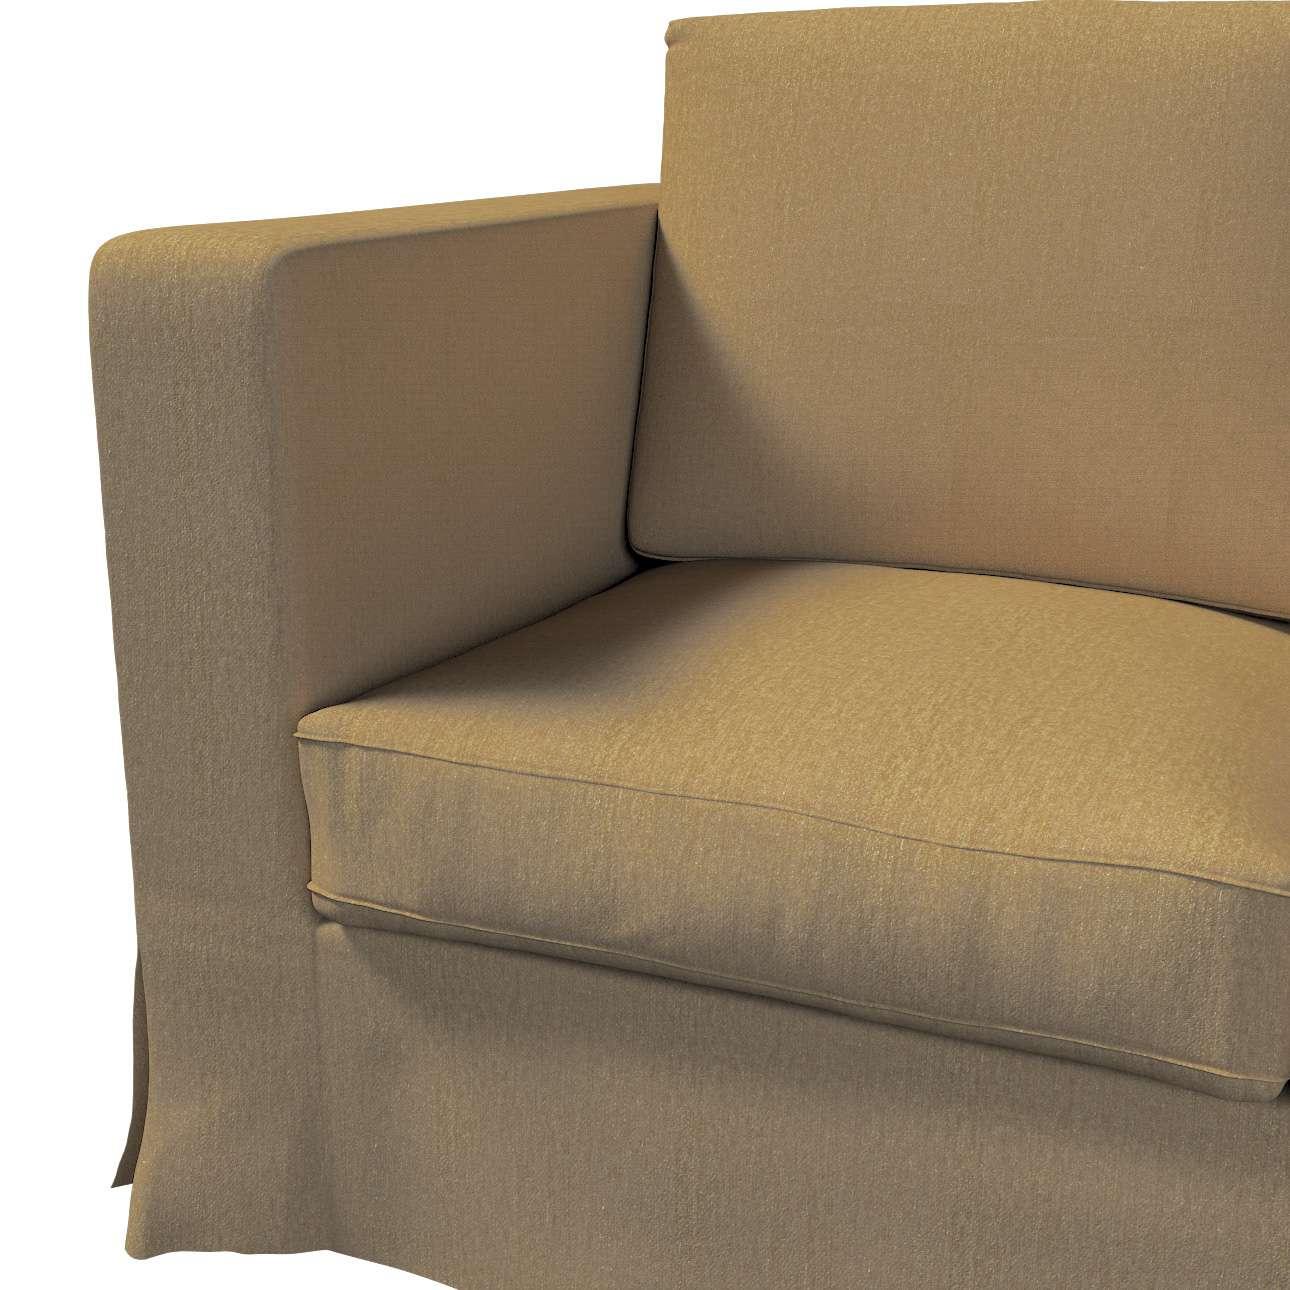 Pokrowiec na sofę Karlanda 3-osobową nierozkładaną, długi w kolekcji Chenille, tkanina: 702-21